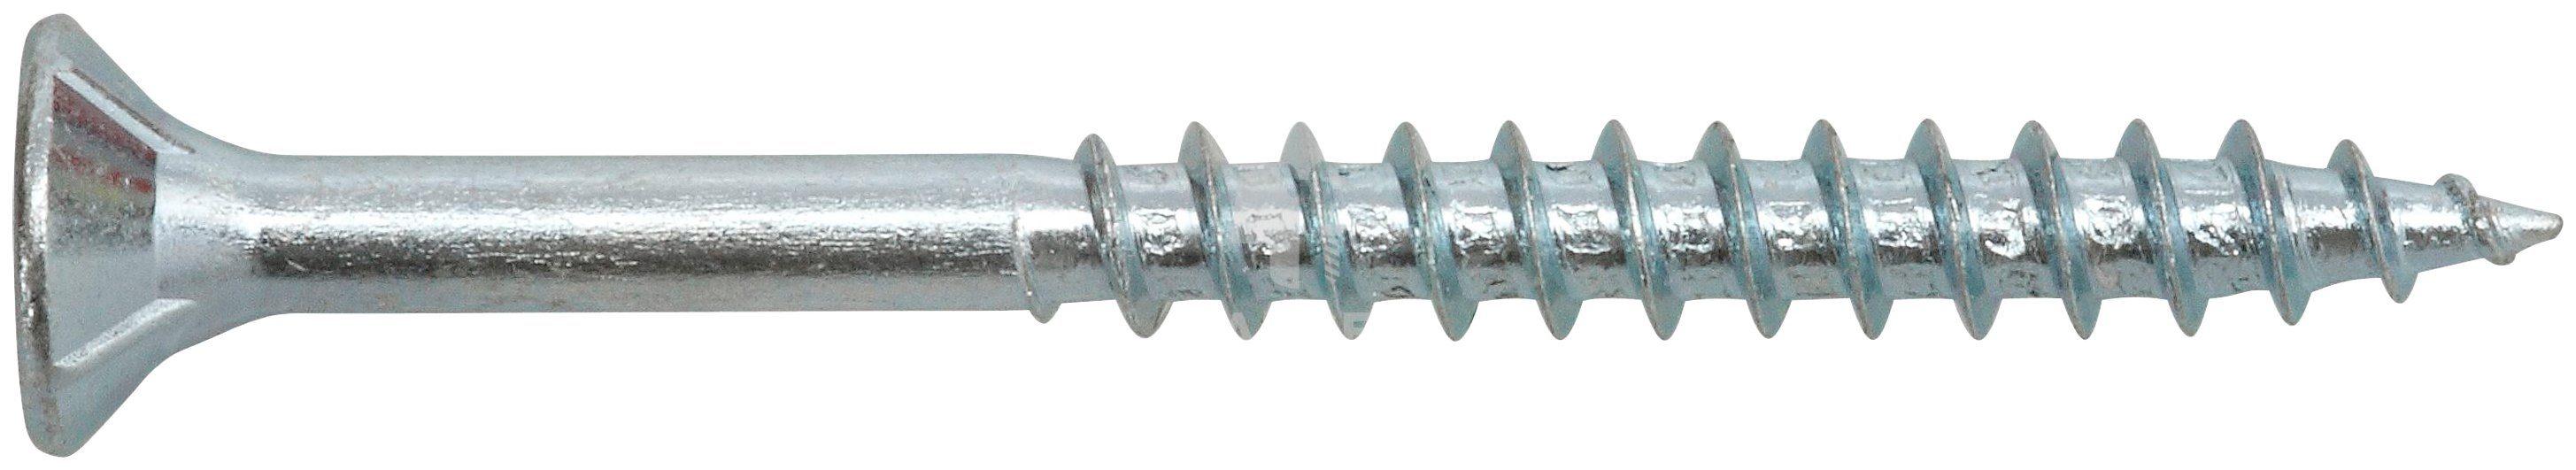 RAMSES Schrauben , Spanplattenschrauben 6 x 130 mm 50 Stk.